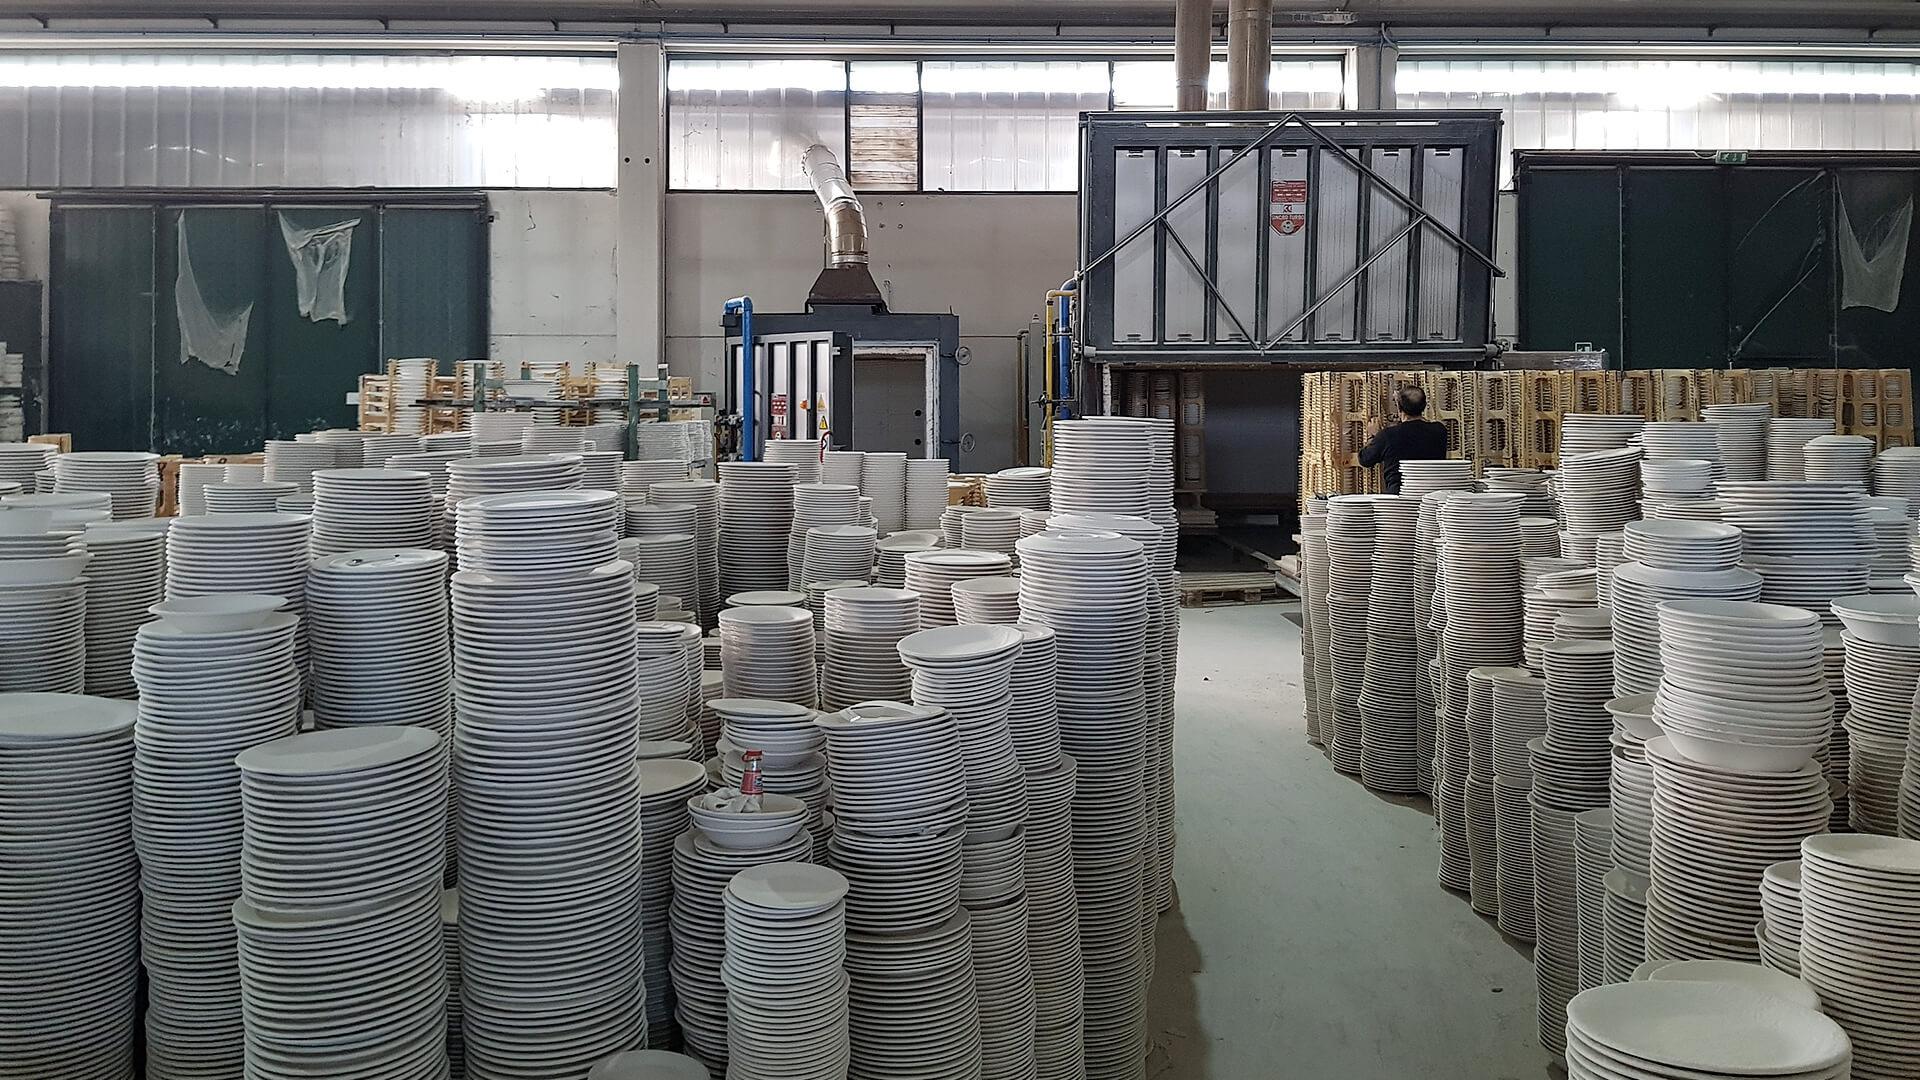 Forno industriale per Produzione di stoviglieria con forni intermittenti   Pagnotta Termomeccanica